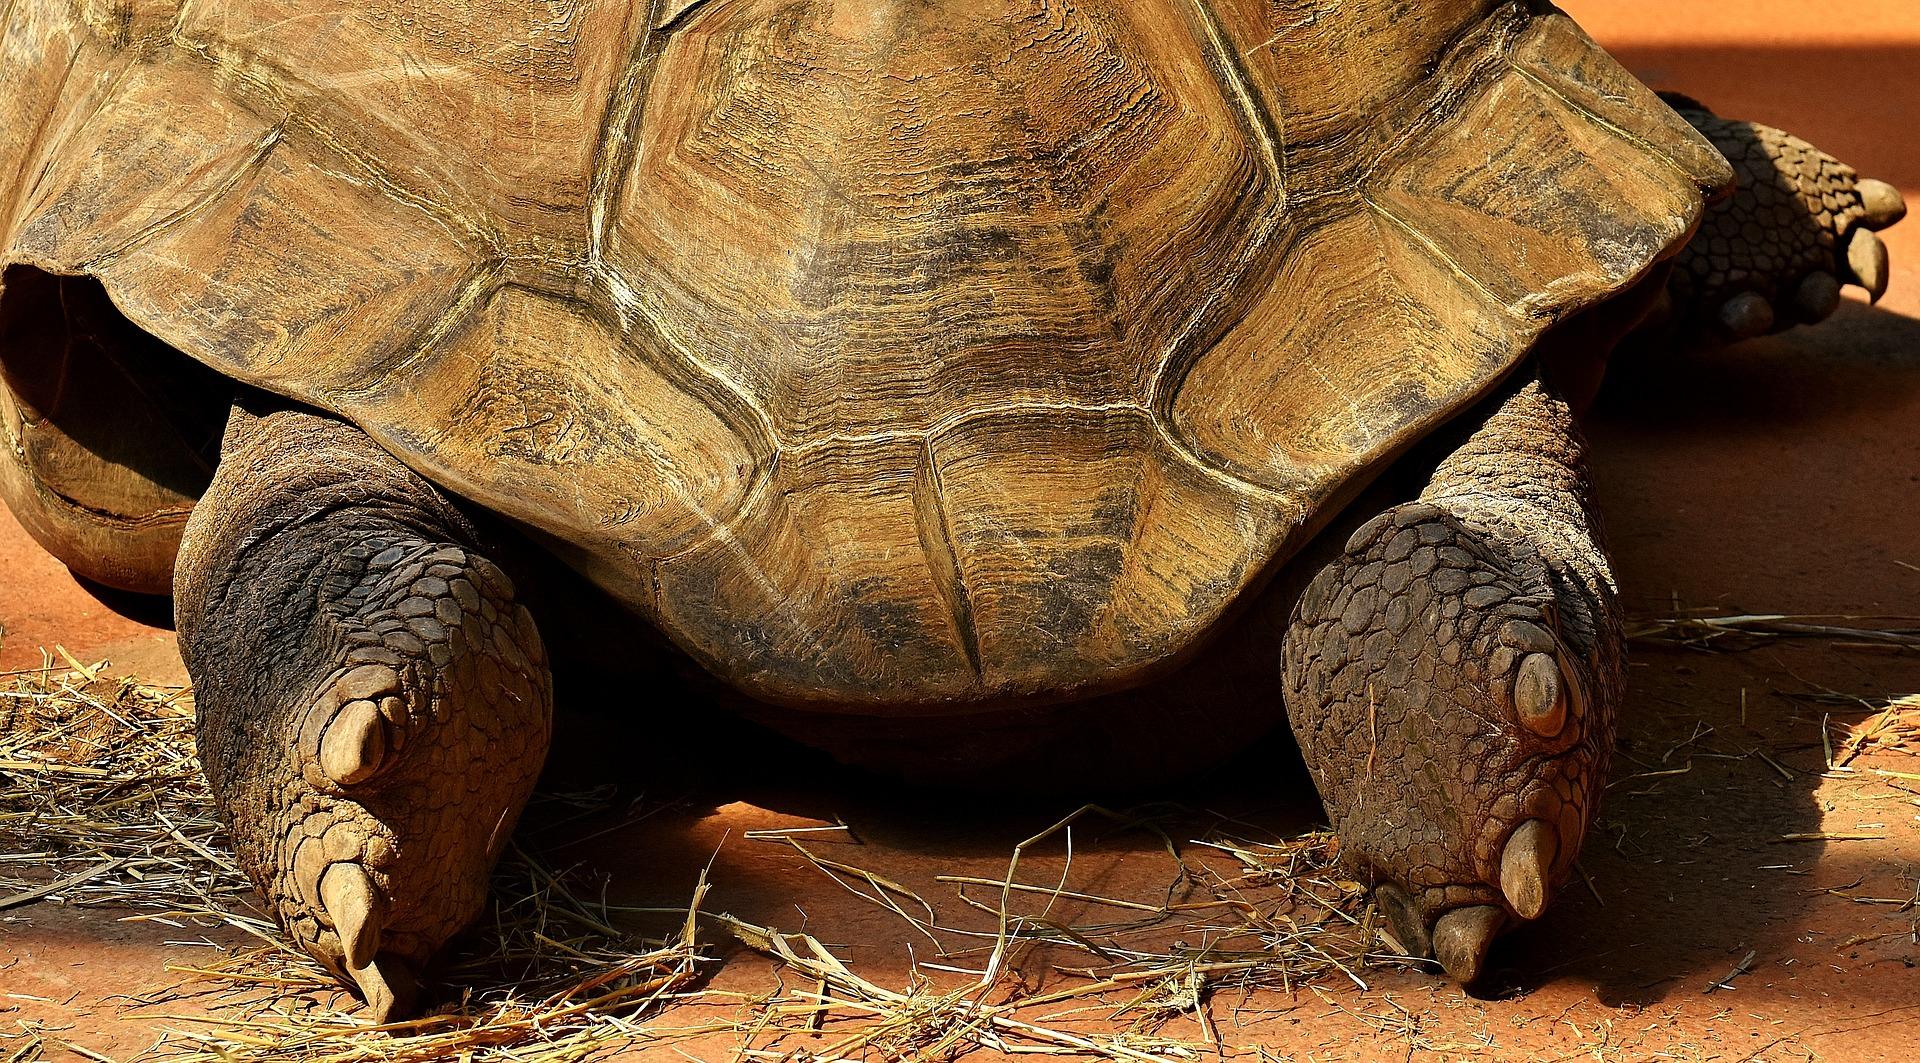 giant-tortoise-2516539_1920.jpg